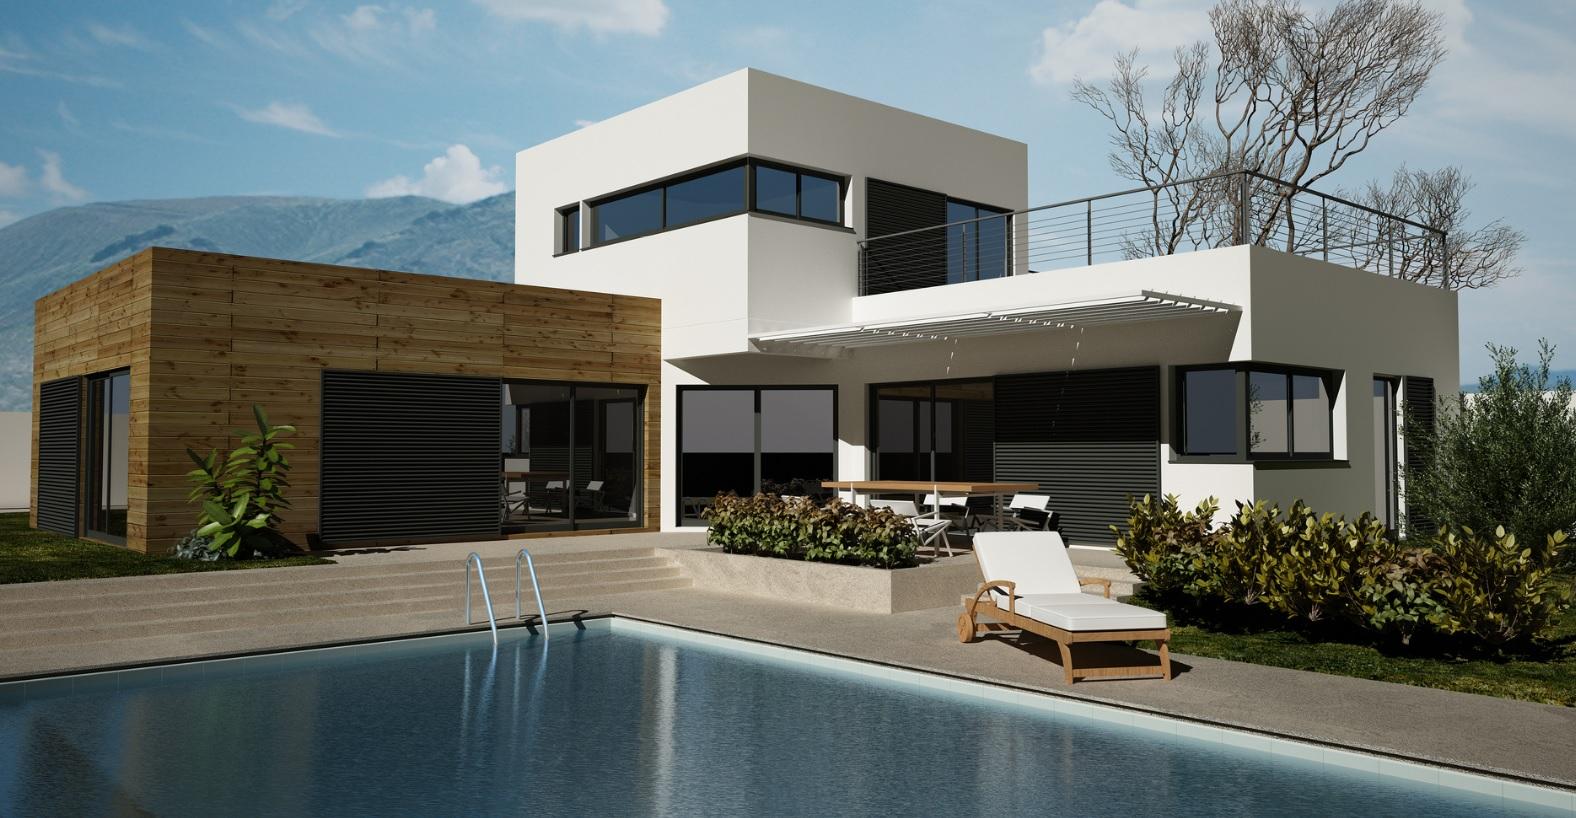 Maison Architecte contemporaine proche de Montpellier